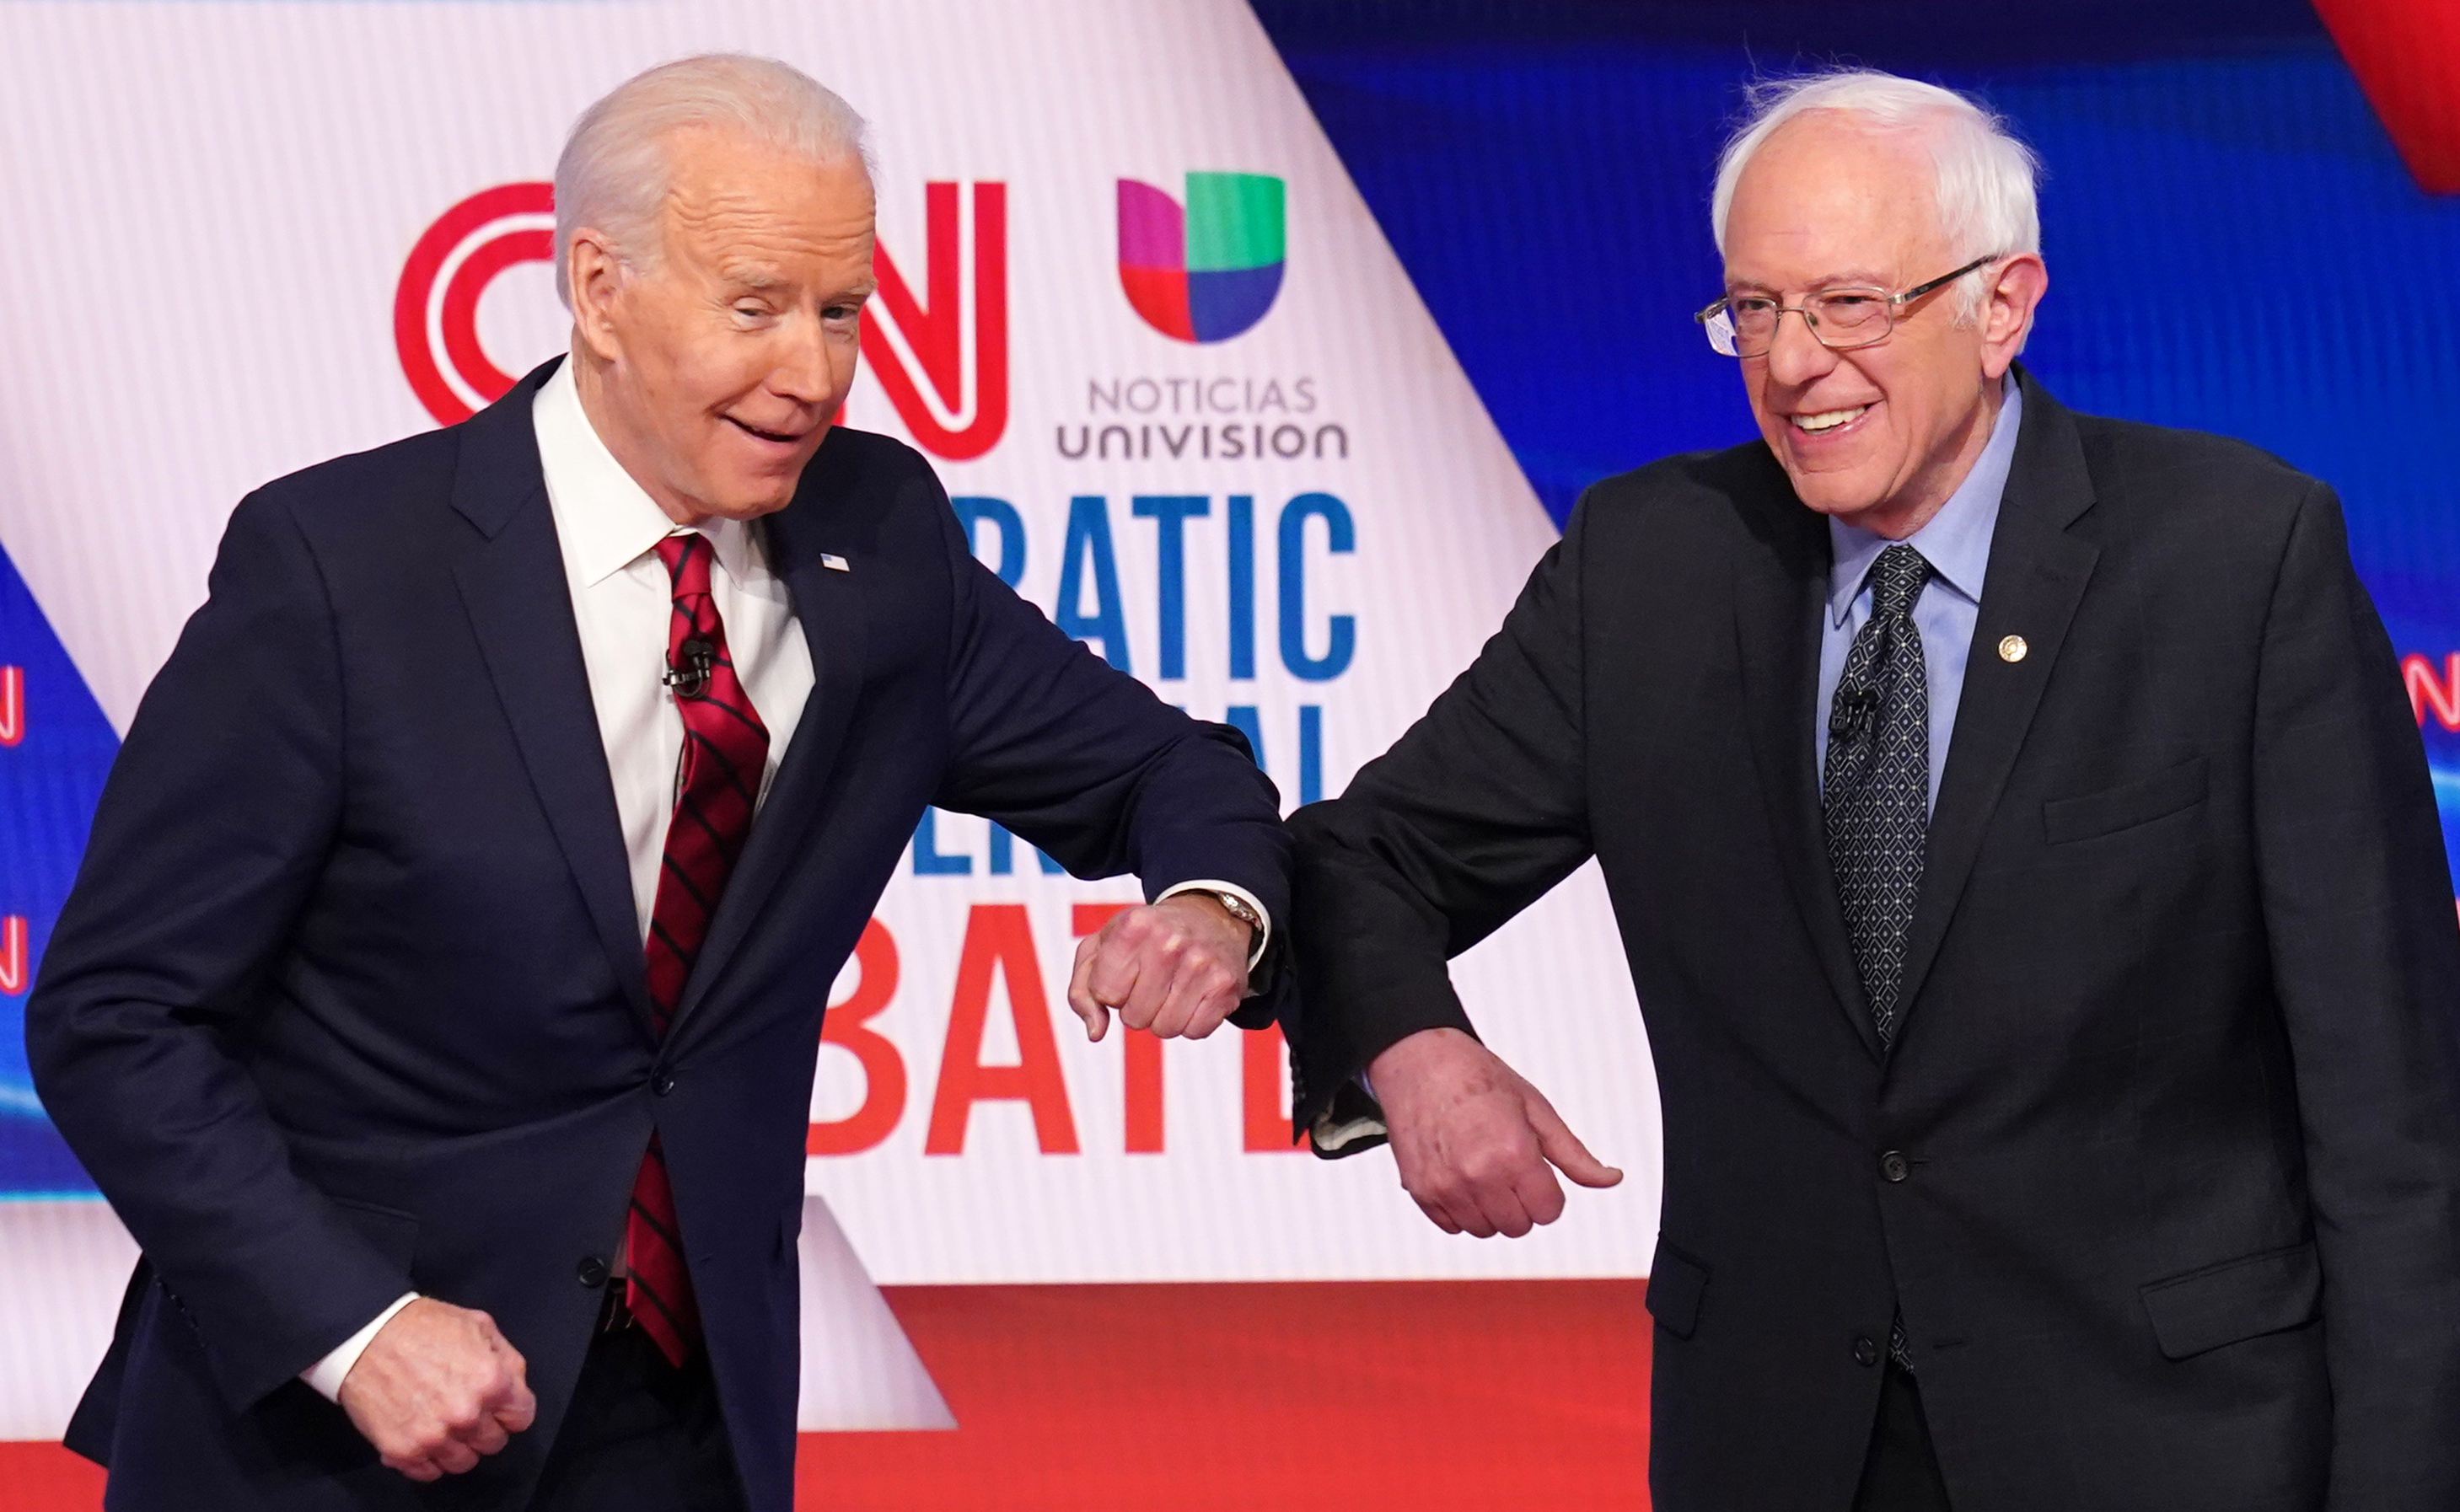 Joe Biden e Bernie Sanders se cumprimentam usando os cotovelos